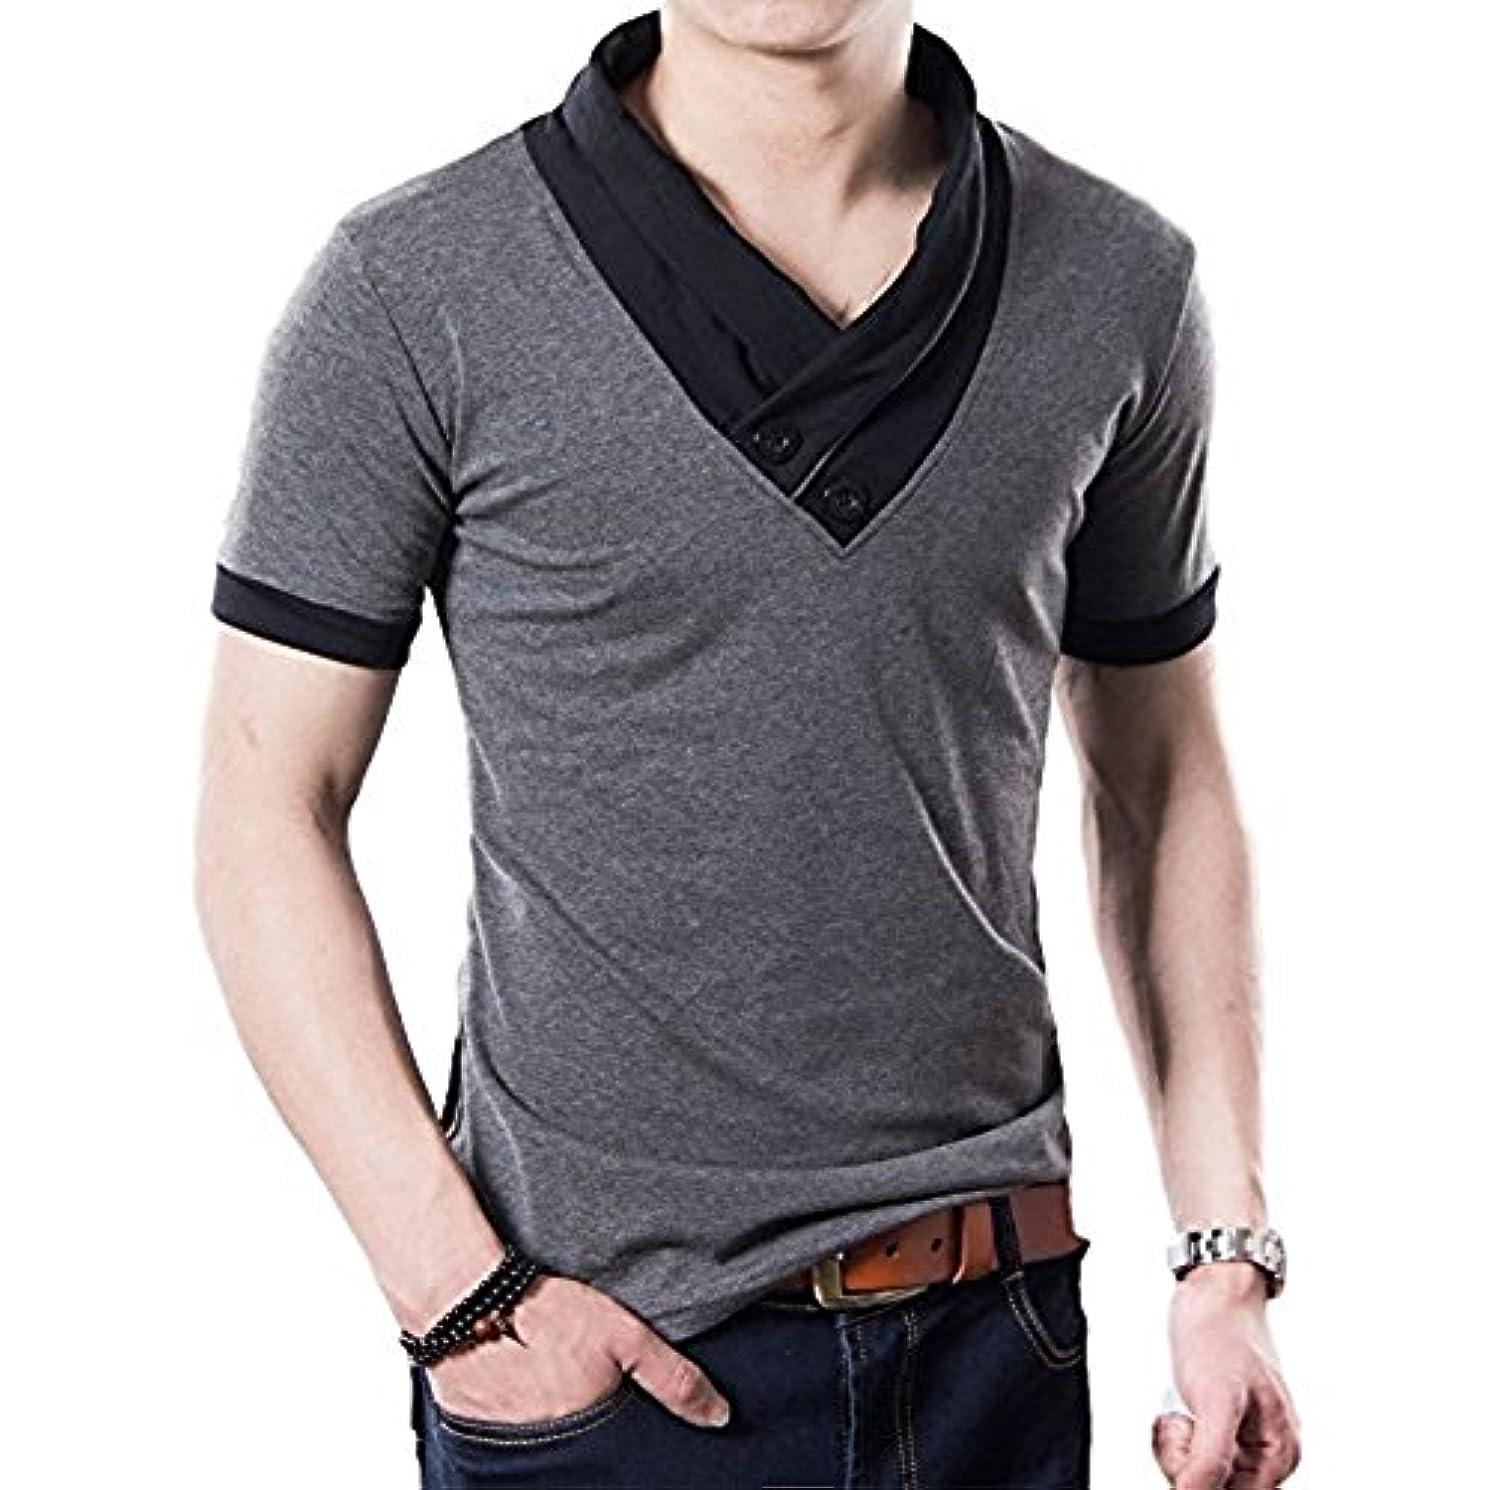 かすれた音楽懇願する[フォーリーフ] お洒落 スリム ダークカラー 半袖 メンズ シャツ Vネック 無地 デザイン襟 ブラック グレー 2色展開 M L XL